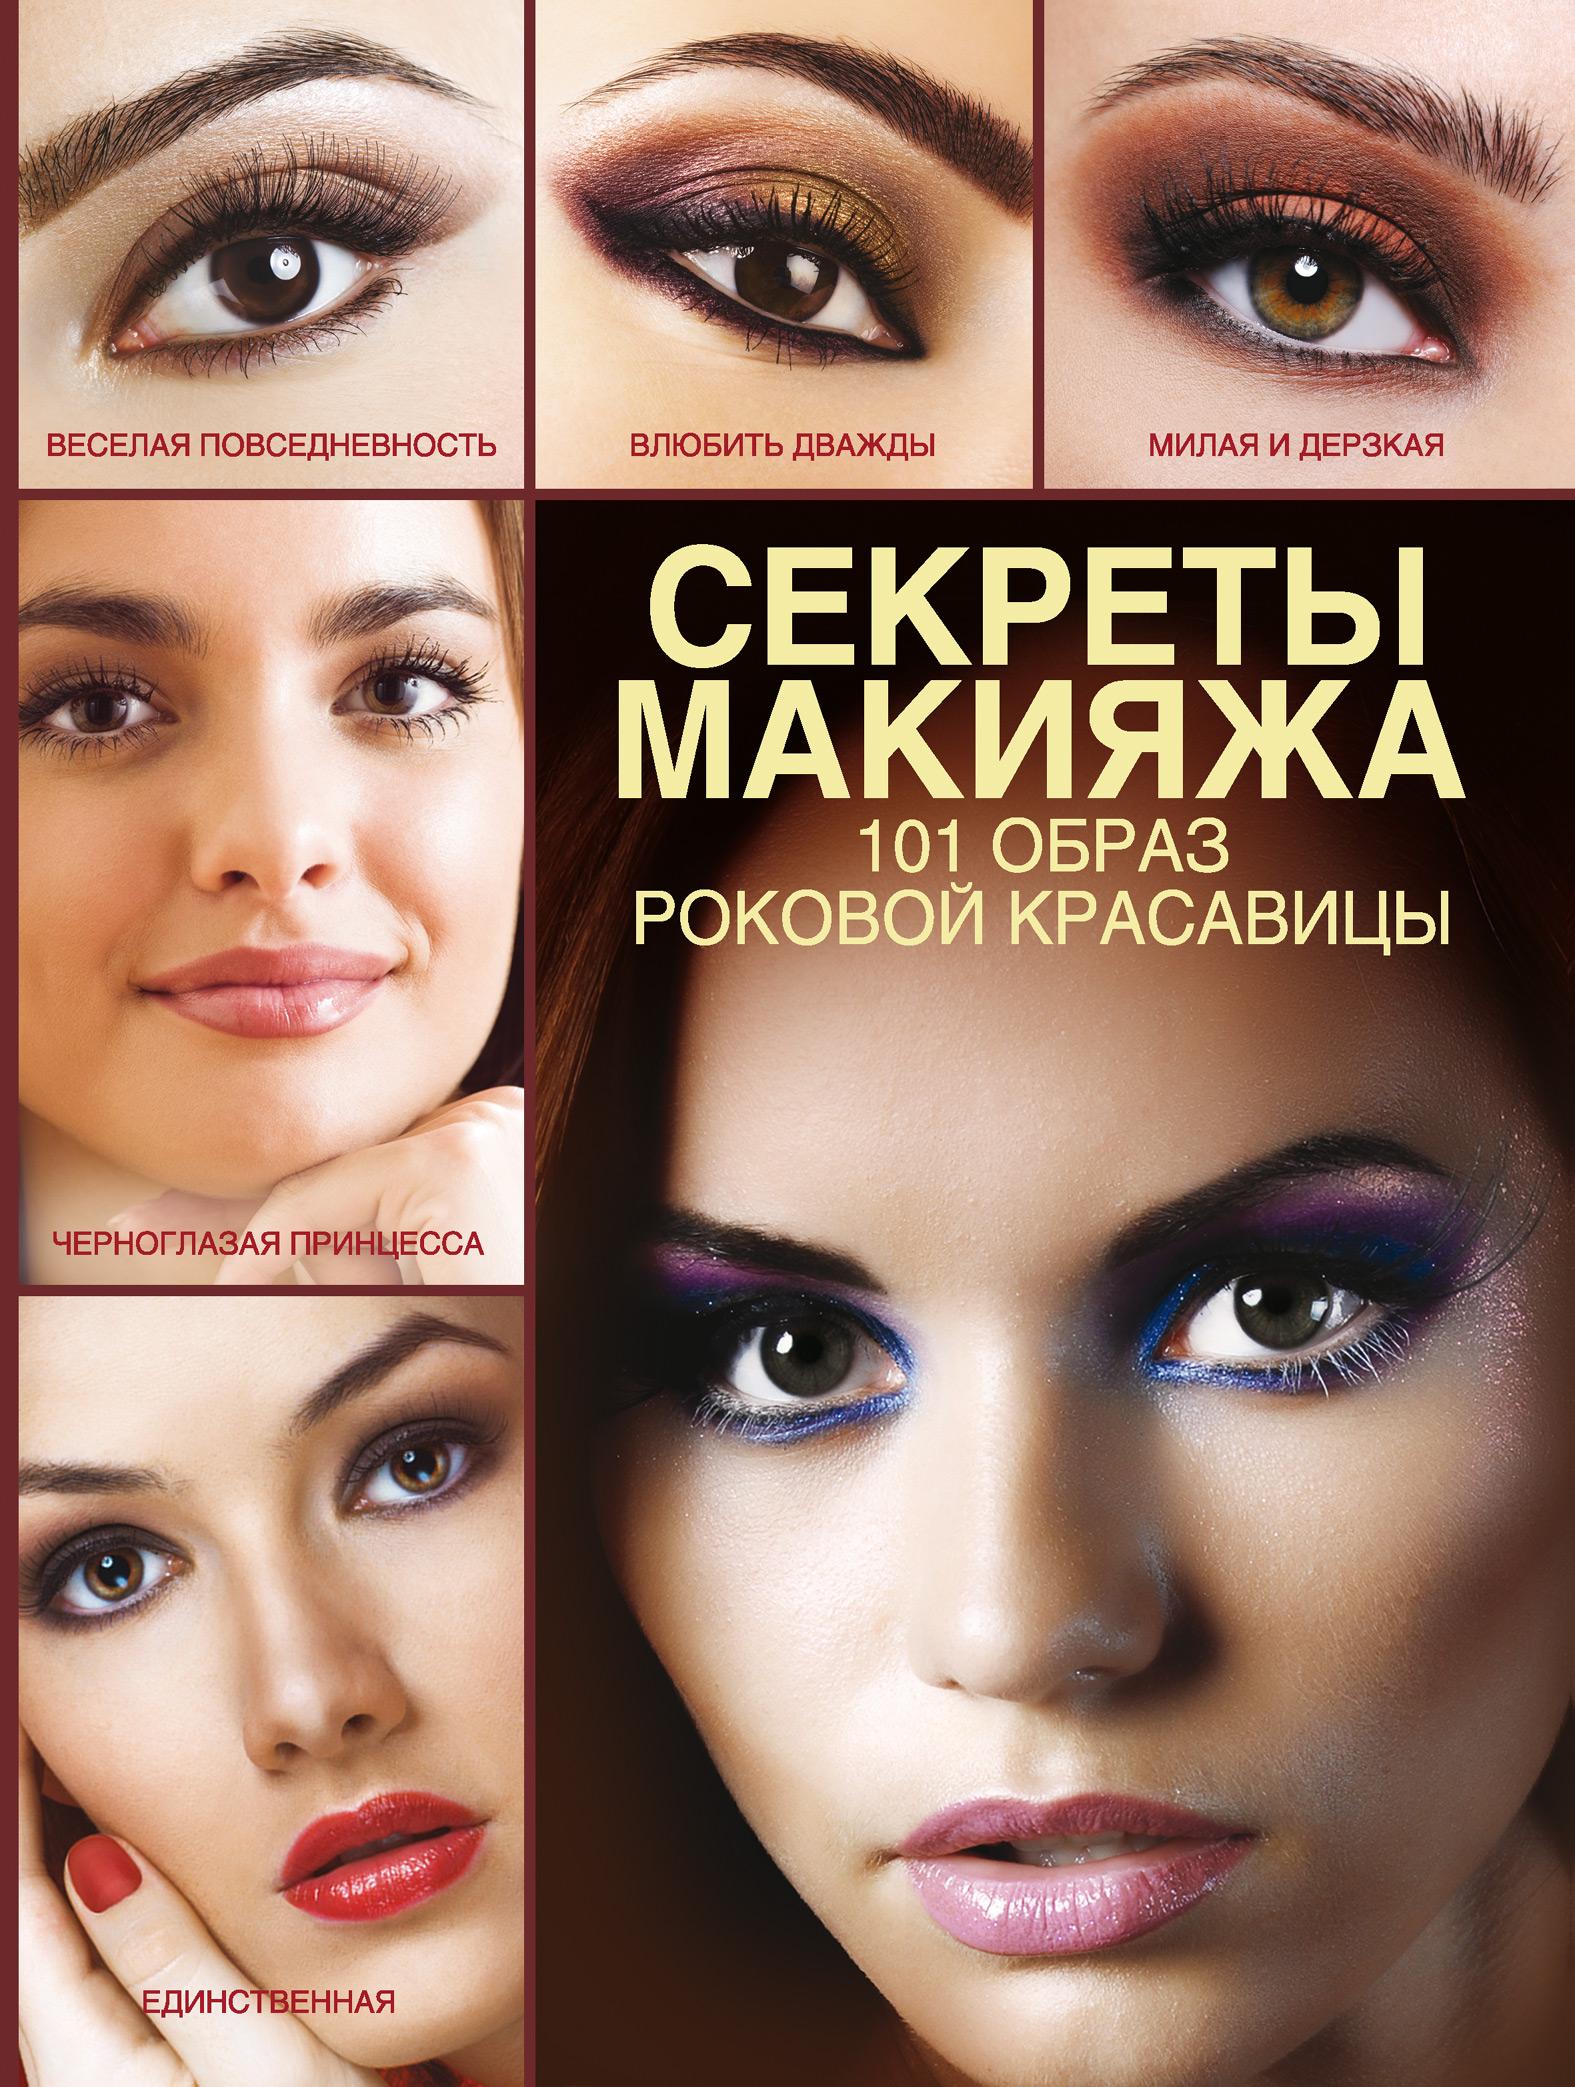 Э. А. Пчелкина Секреты макияжа. 101 образ роковой красавицы пчелкина э соблазнительные губы секреты ухода и макияжа